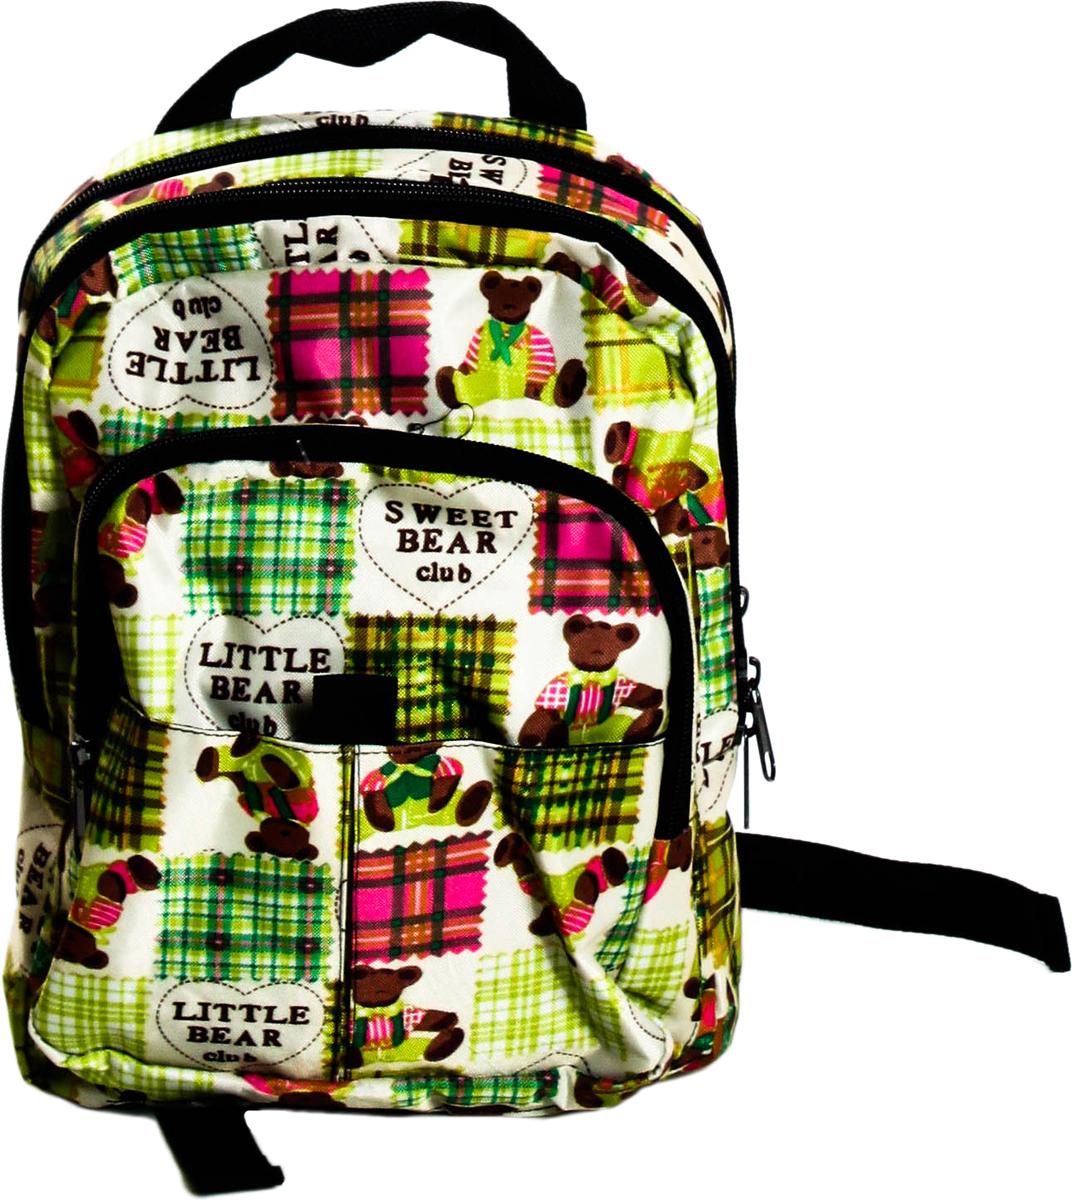 Рюкзак детский Ibag Мишки, цвет: светло-зеленый, 8 л081 МишкиТекстильный рюкзак для маленьких модников и модниц! Идеален, как для повседневной носки, так и для поездок и путешествий. В свой рюкзак Ваш ребенок сможет собрать самые необходимые для него вещи : любимую игрушку, раскраску, интересную книгу или свой гаджет. Данная модель не смотря на размер очень вместительна, имеет два основных отделения и два кармана на молнии снаружи.